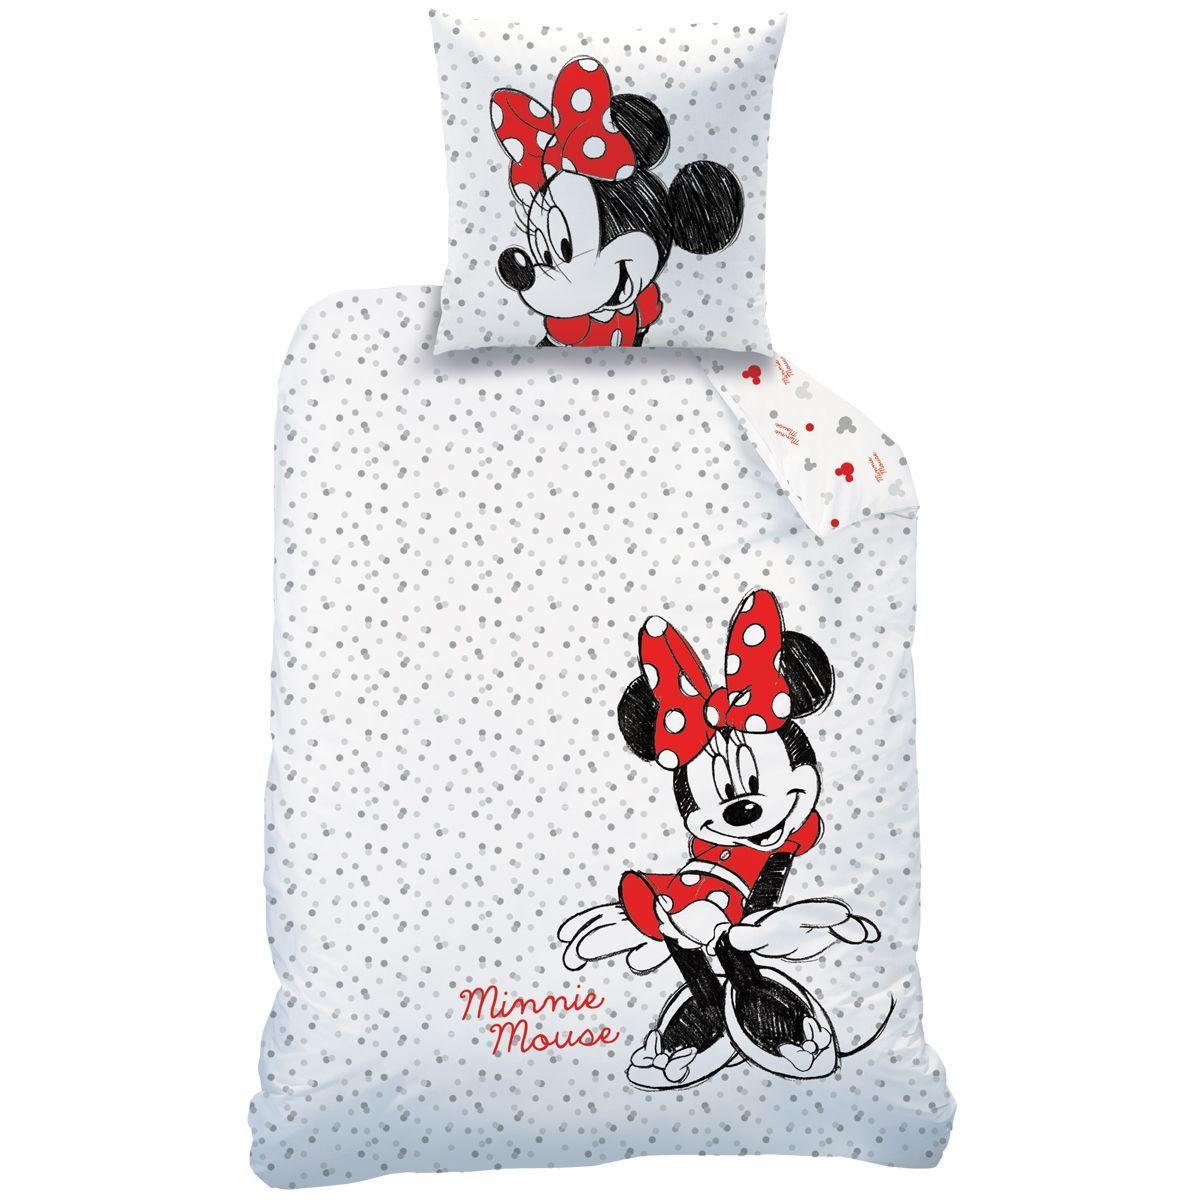 taie Parure de Lit Minnie Mouse Housse de couette 140x200 cm